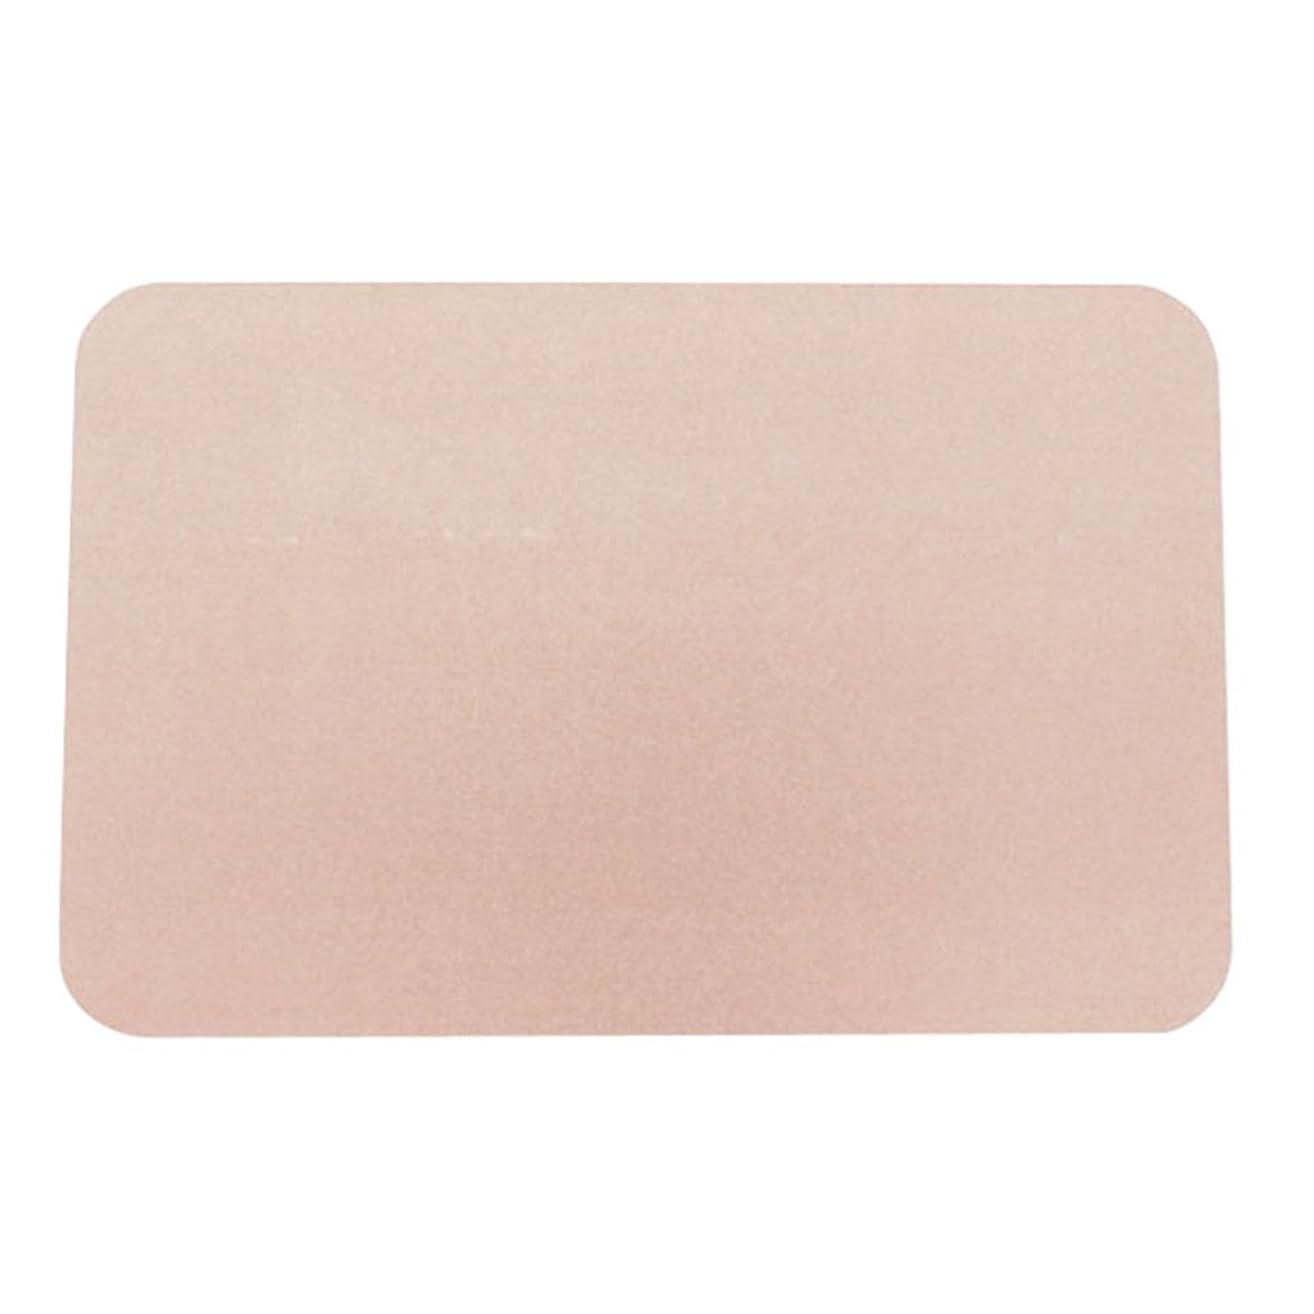 予知宿題選択するヒロ?コーポレーション 珪藻土バスマット ピンク Mサイズ 幅45×高さ35×奥行0.9cm